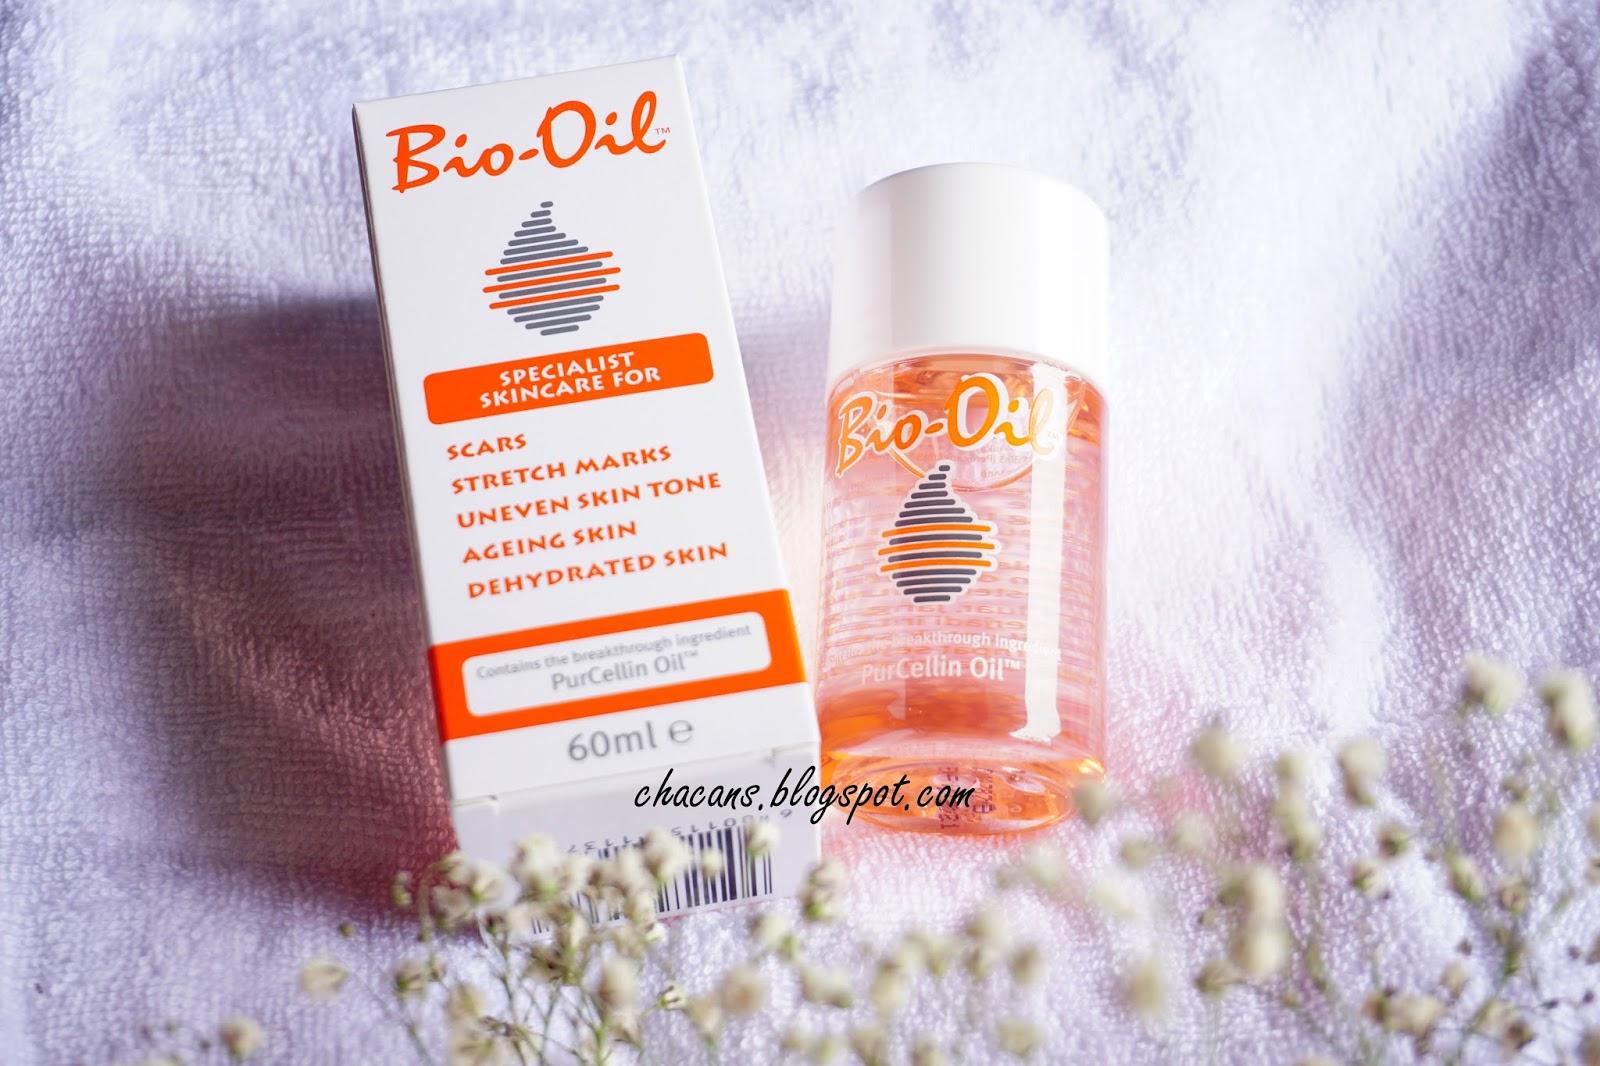 Hasil gambar untuk Bio-Oil